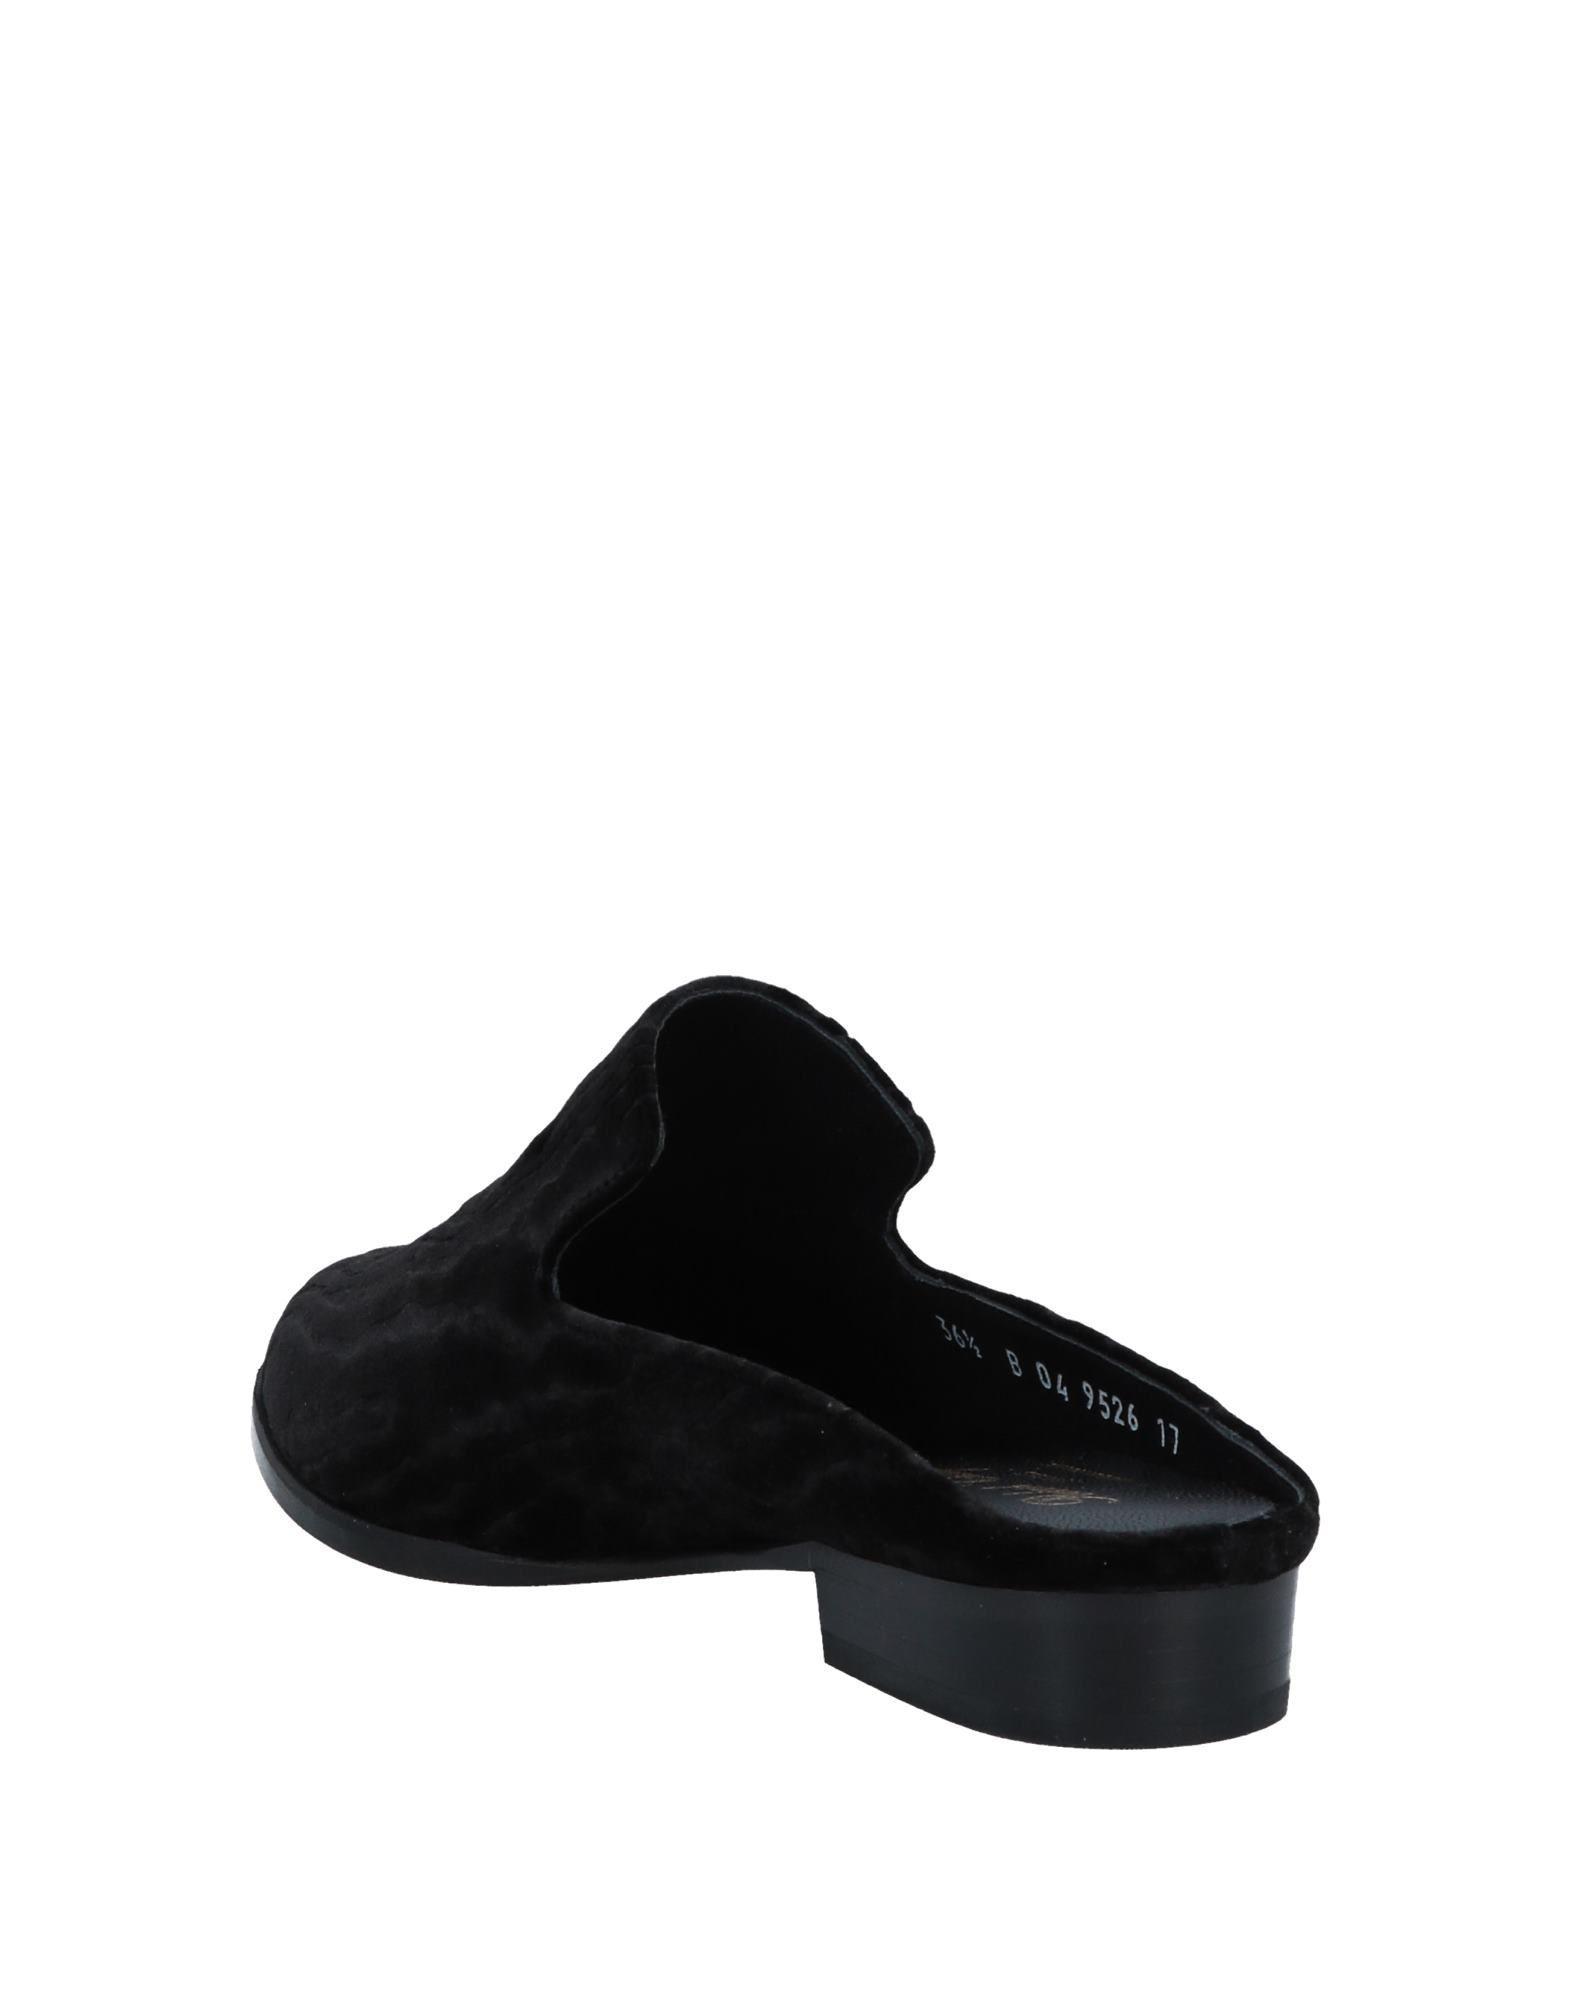 Mules & Zuecos Robert Clergerie de Terciopelo de color Negro